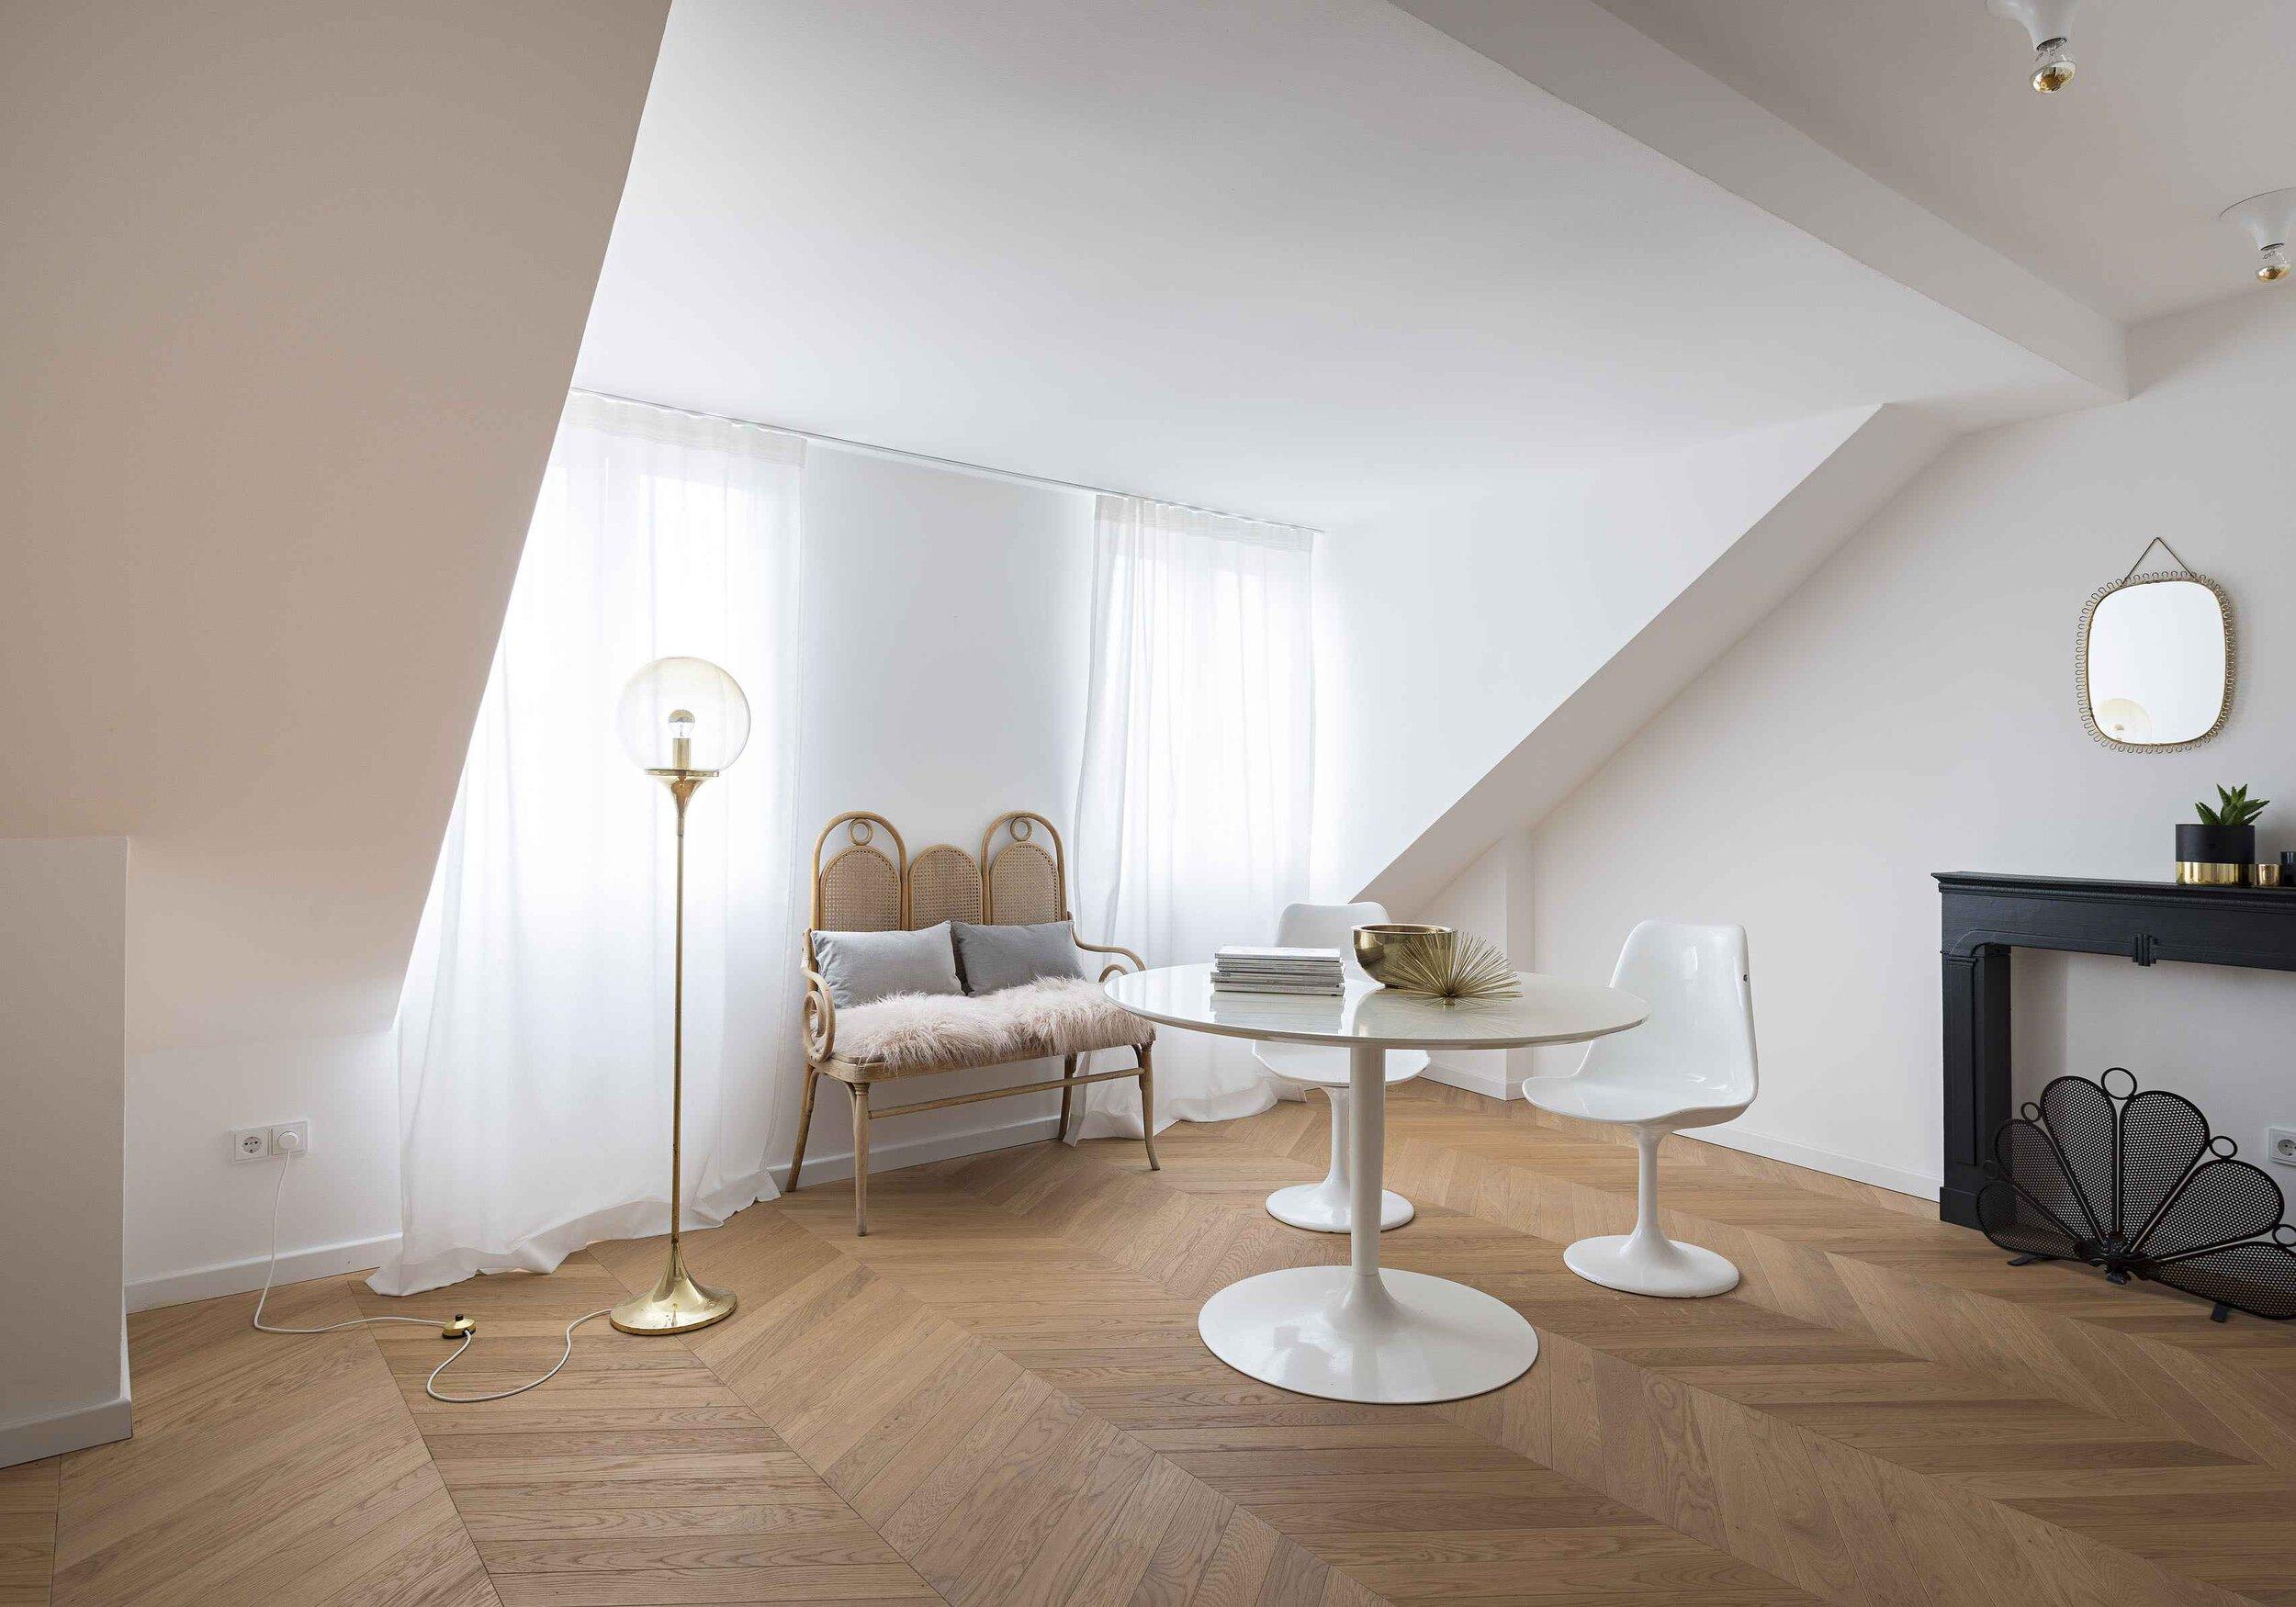 Buero Philipp Moeller-Architektur-Muenchen-Sanierung-Wohnung6.jpg